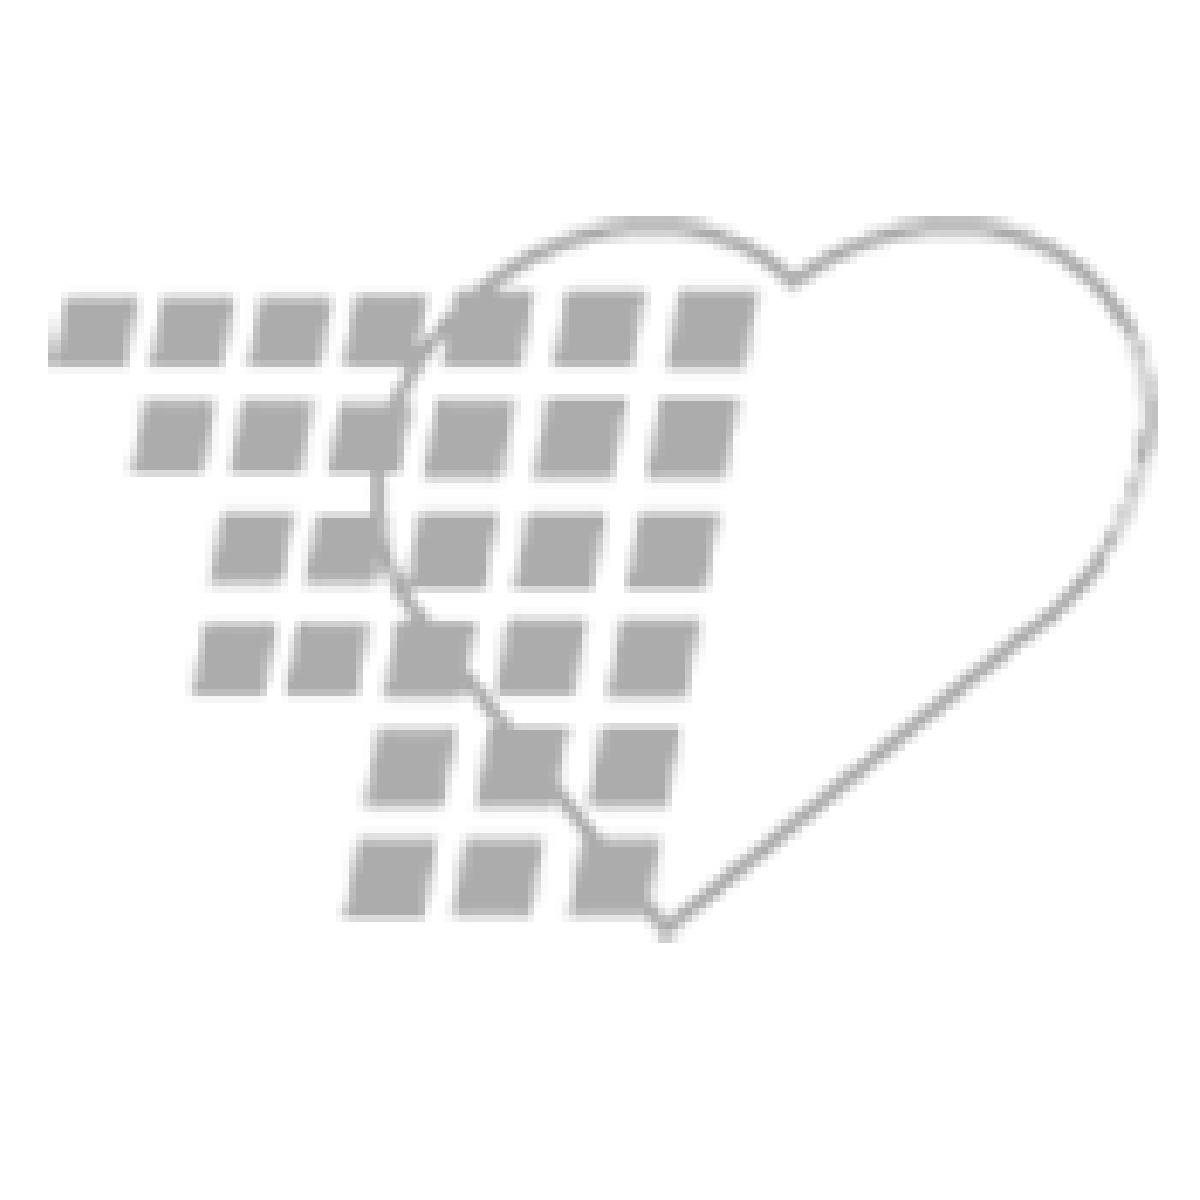 08-56-0315 - Magill Catheter Forceps - Child